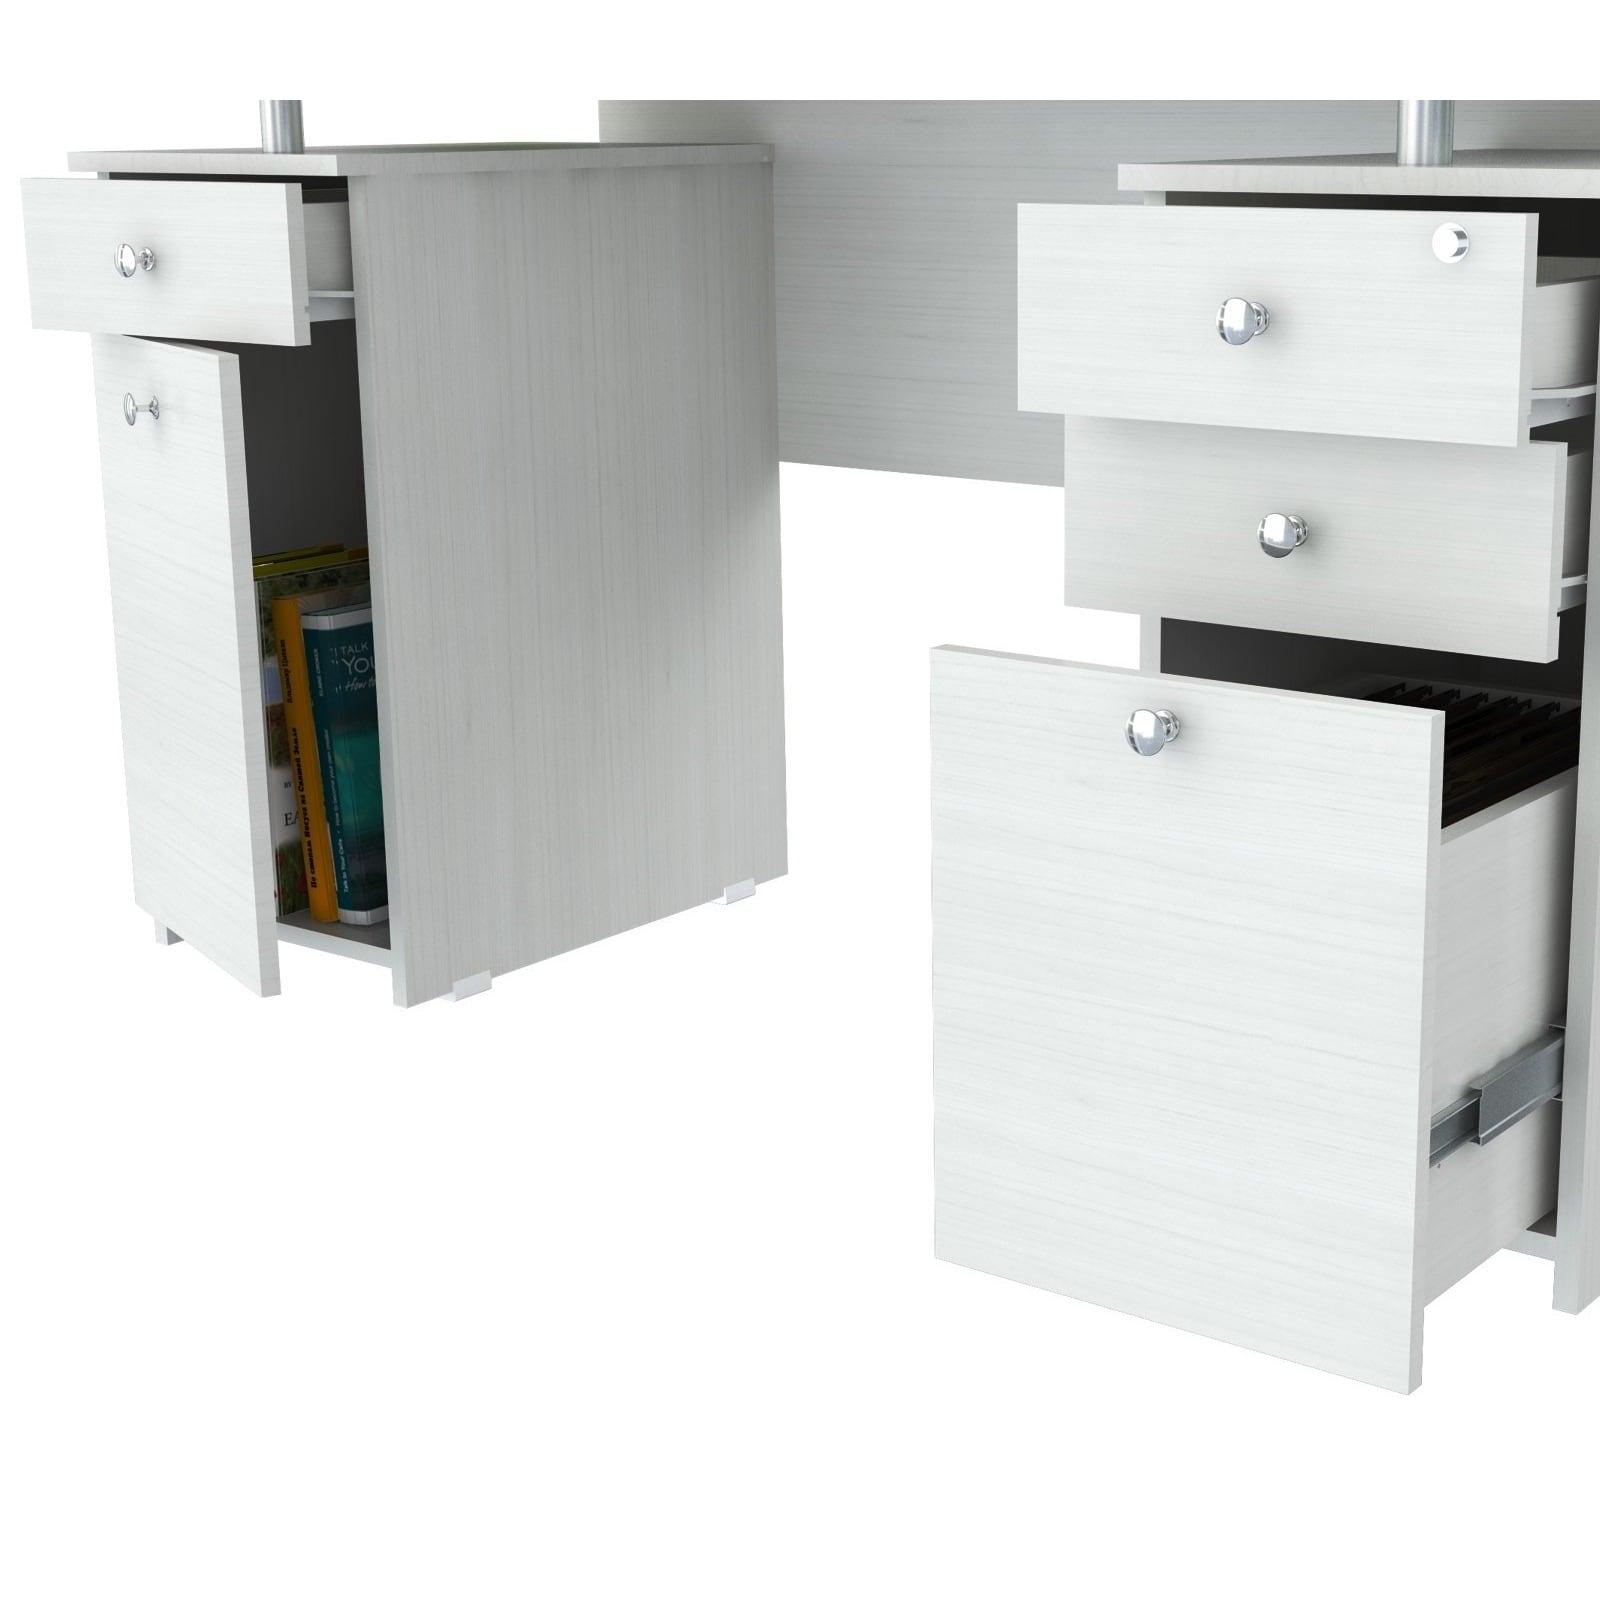 ergonomics desk us overunderdesk products drawers drawer with keyboard over system under smartfit kensington